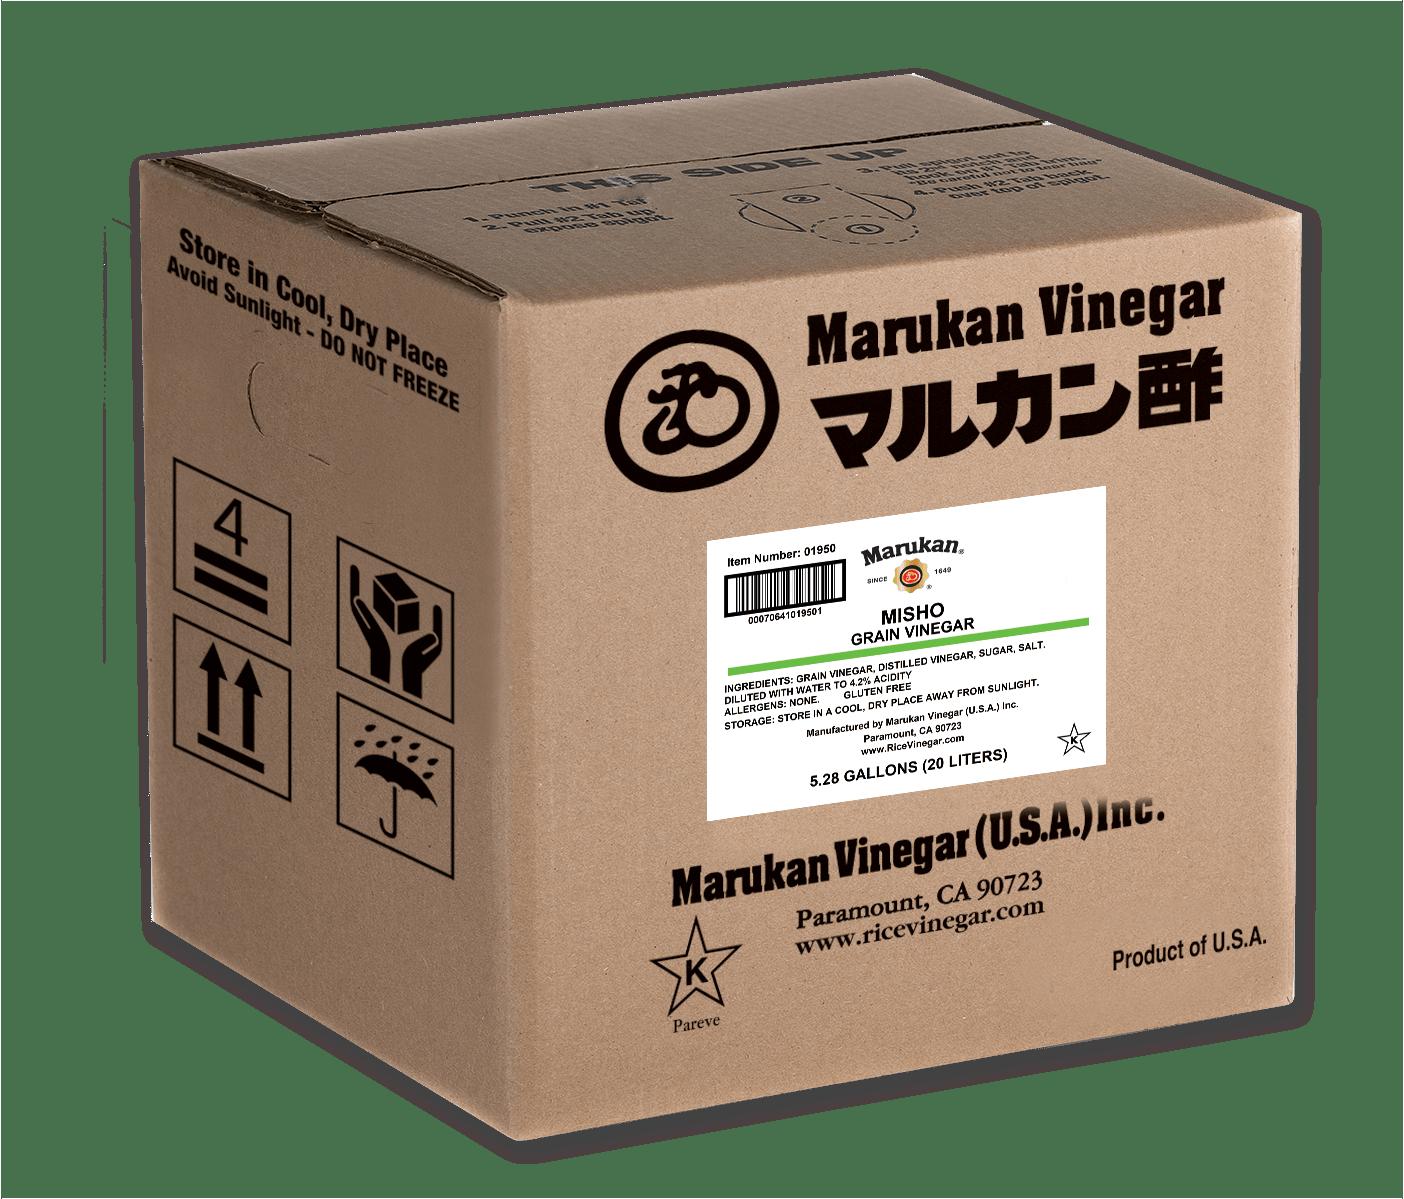 Misho Blended Grain Vinegar